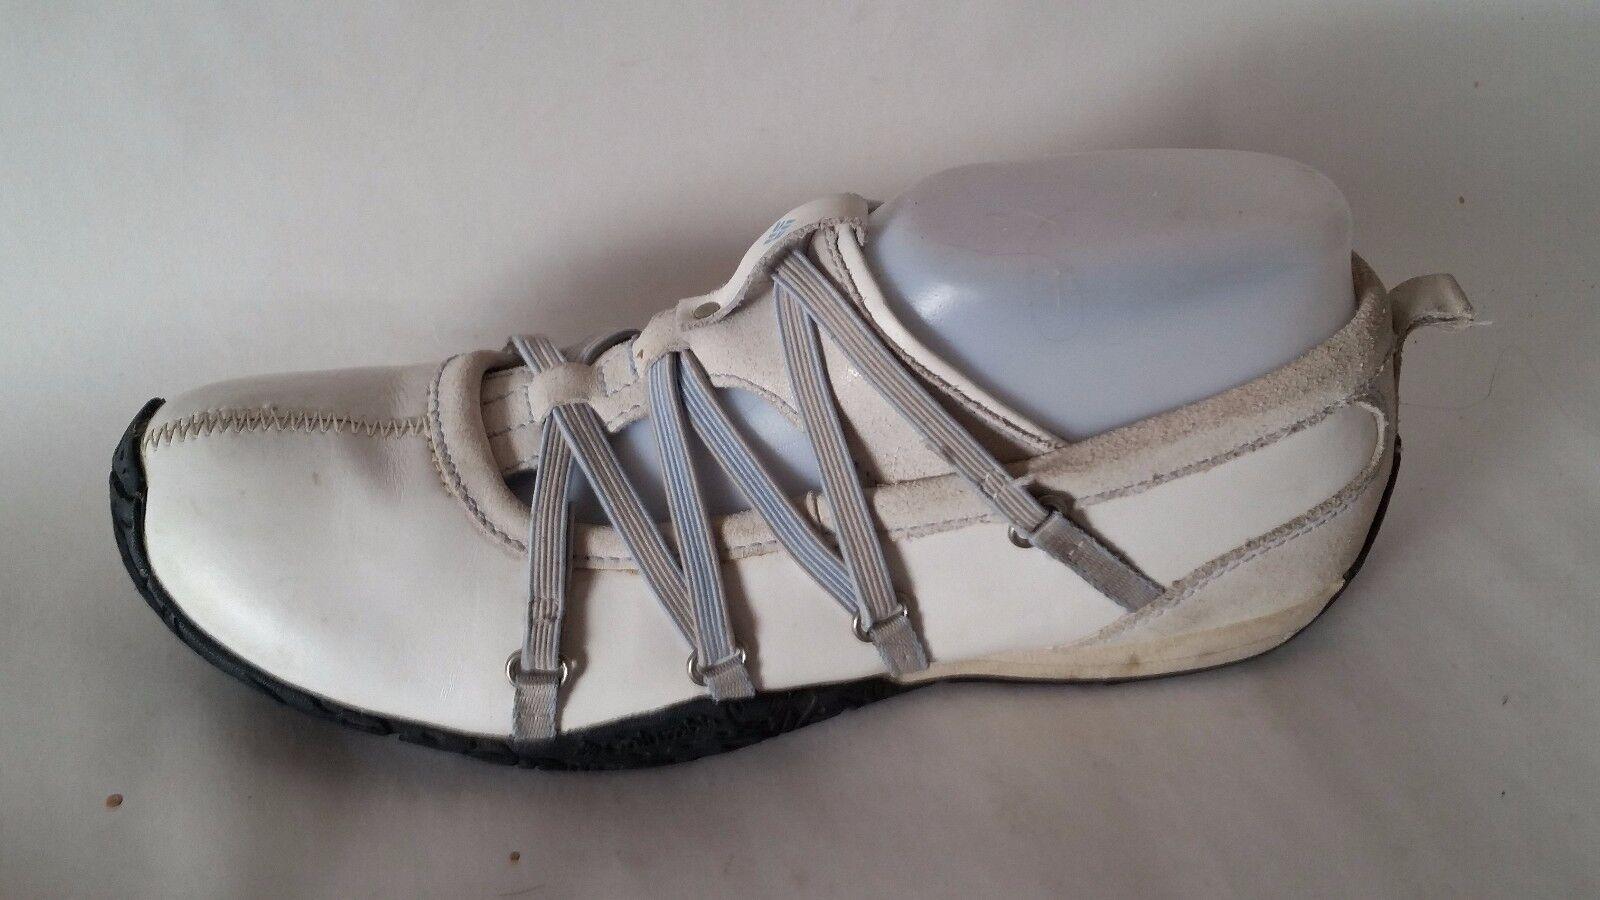 columbia graci 2 du cuir blanc de glisser sur marche les chaussures de marche sur  s 8 med basket s bleues a8d216